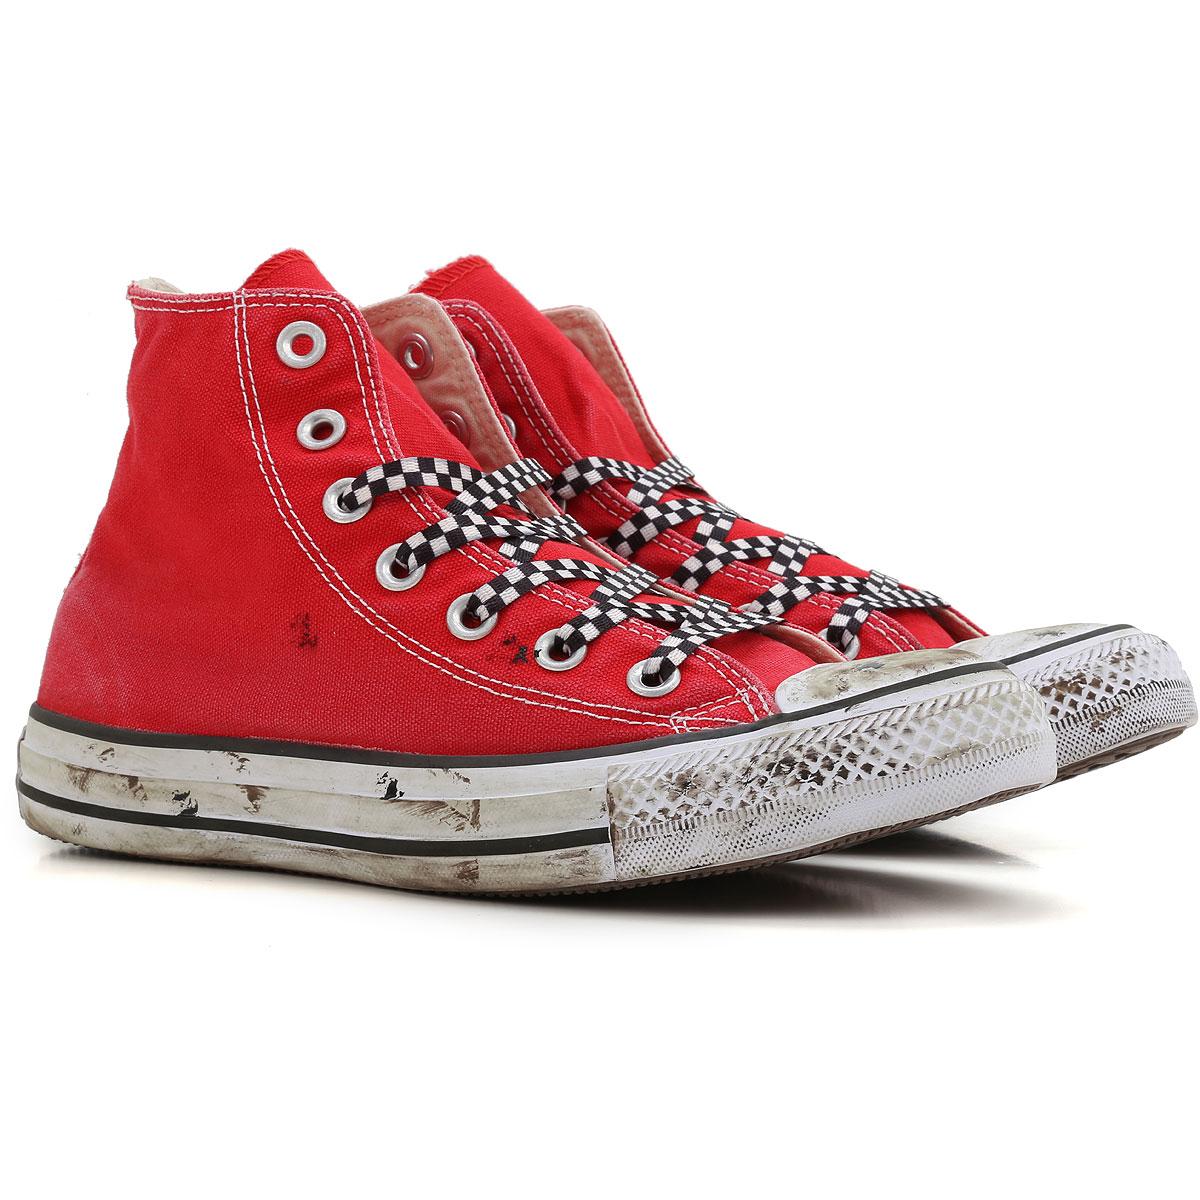 a6223b2ecde Converse Αθλητικά Παπούτσια για Γυναίκες Σε Έκπτωση, Limited Edition,  Κόκκινο, Καραβόπανο, 2019, ...